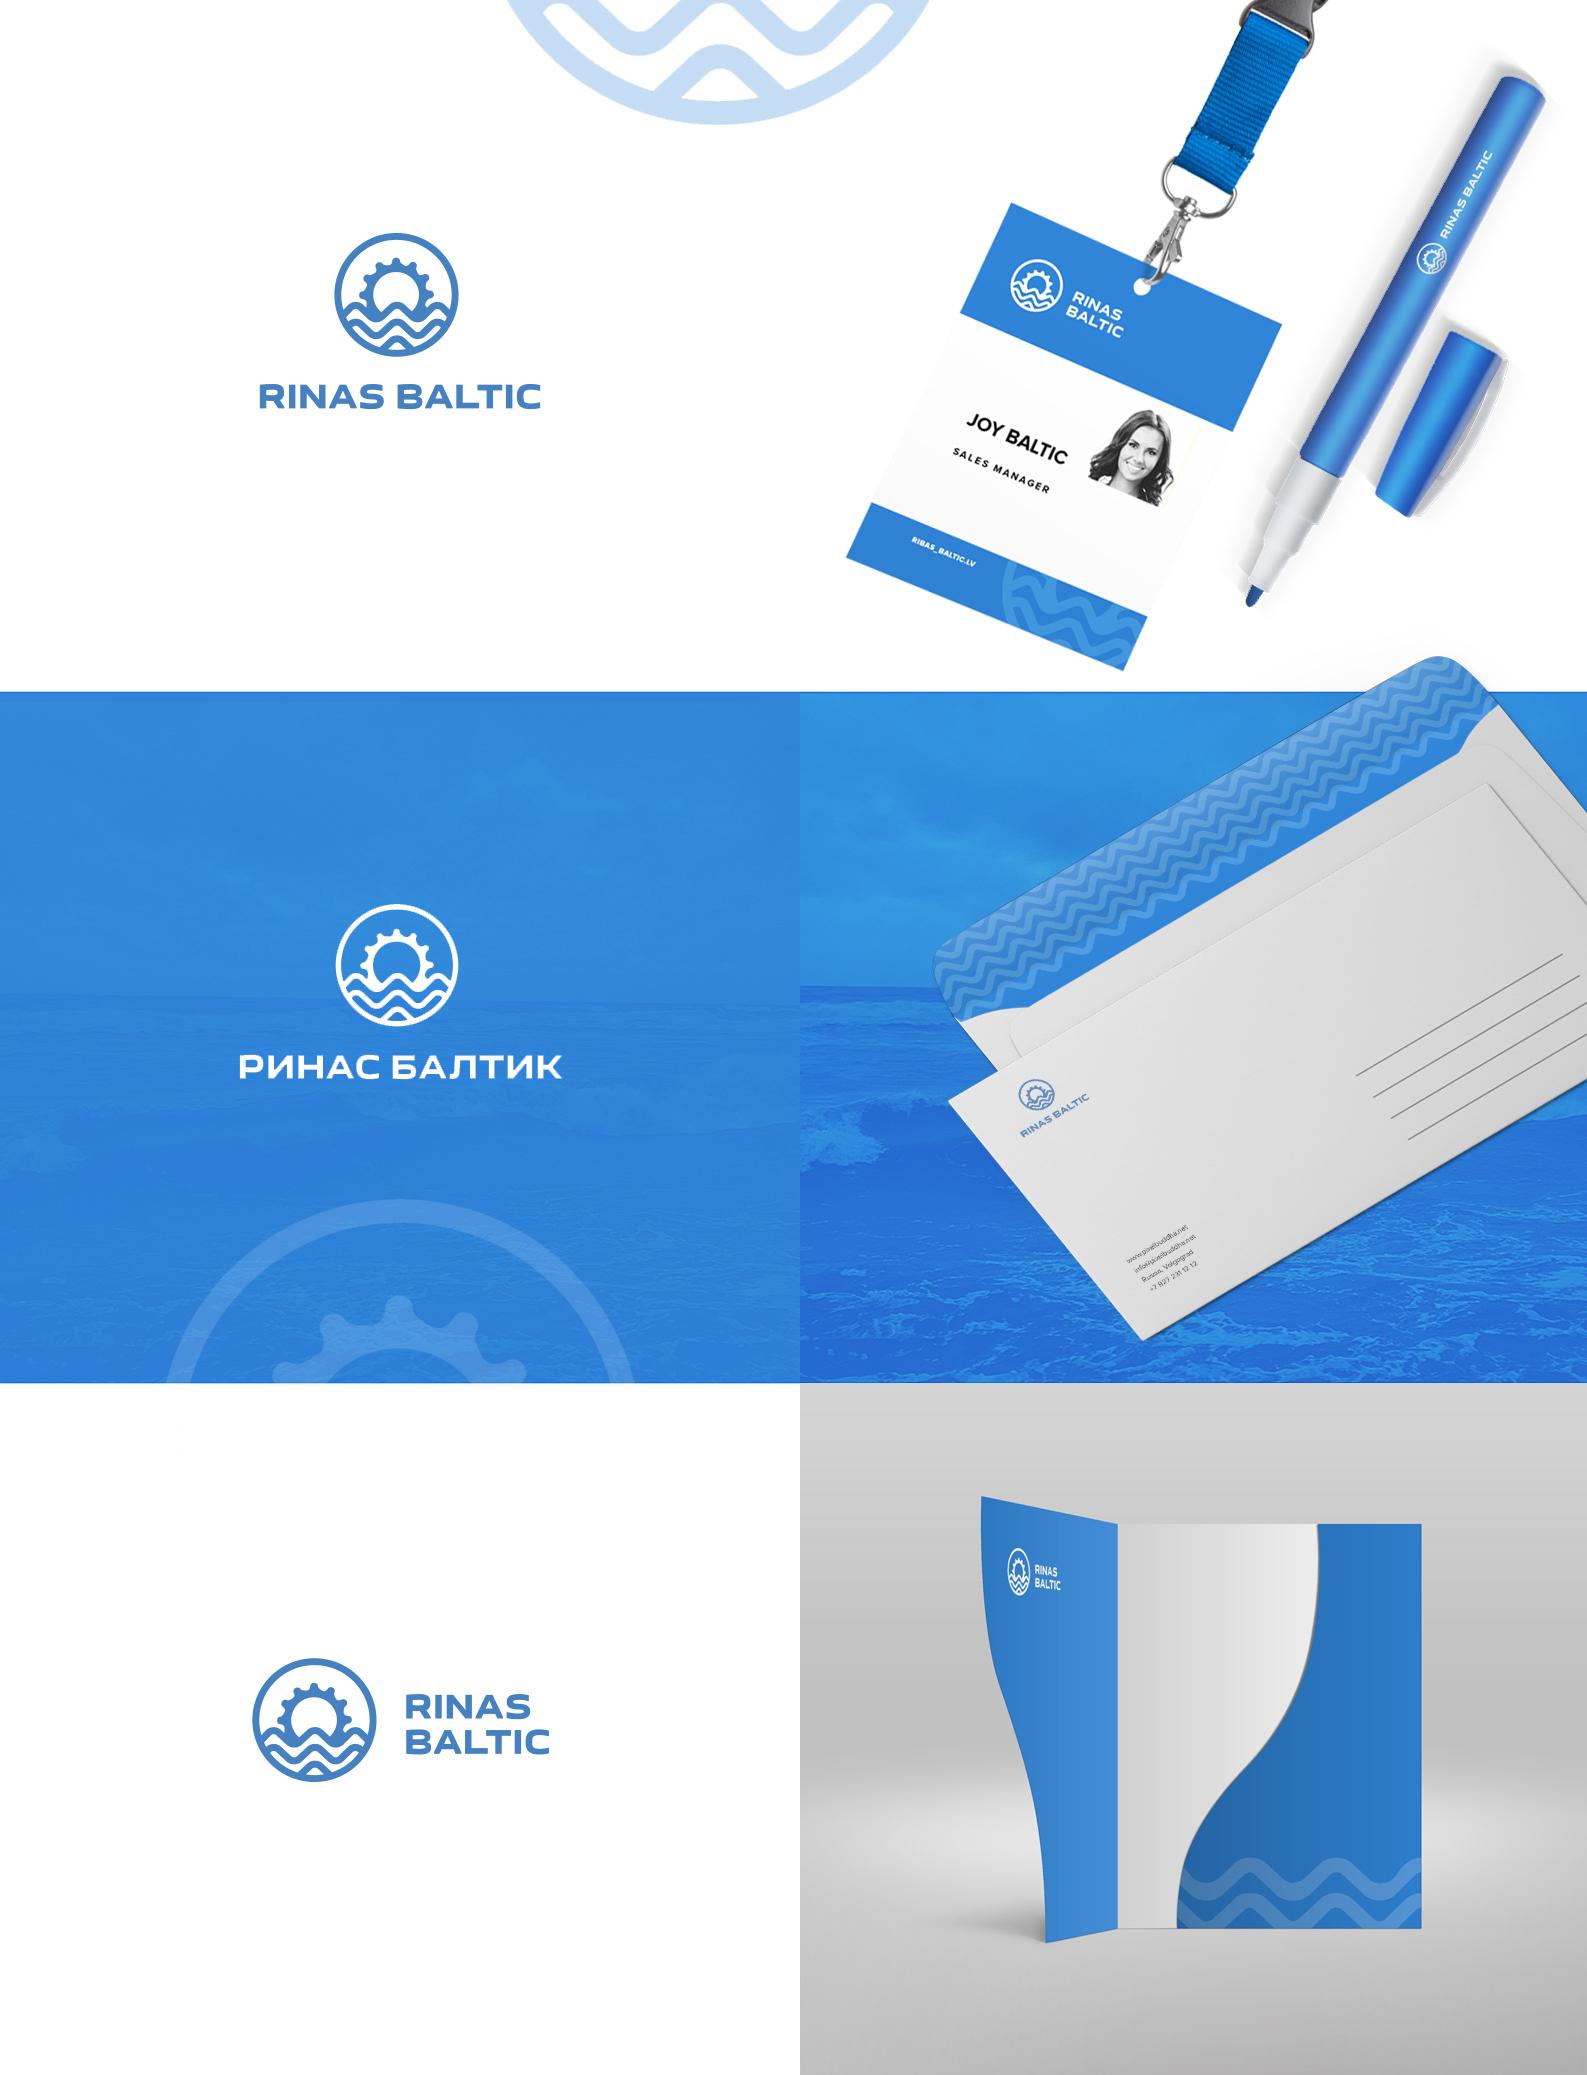 Создание фирменного стиля компании по продаже промышленного оборудования!!! Будет 2 победителя!!! фото f_7335d57bc58bb812.jpg